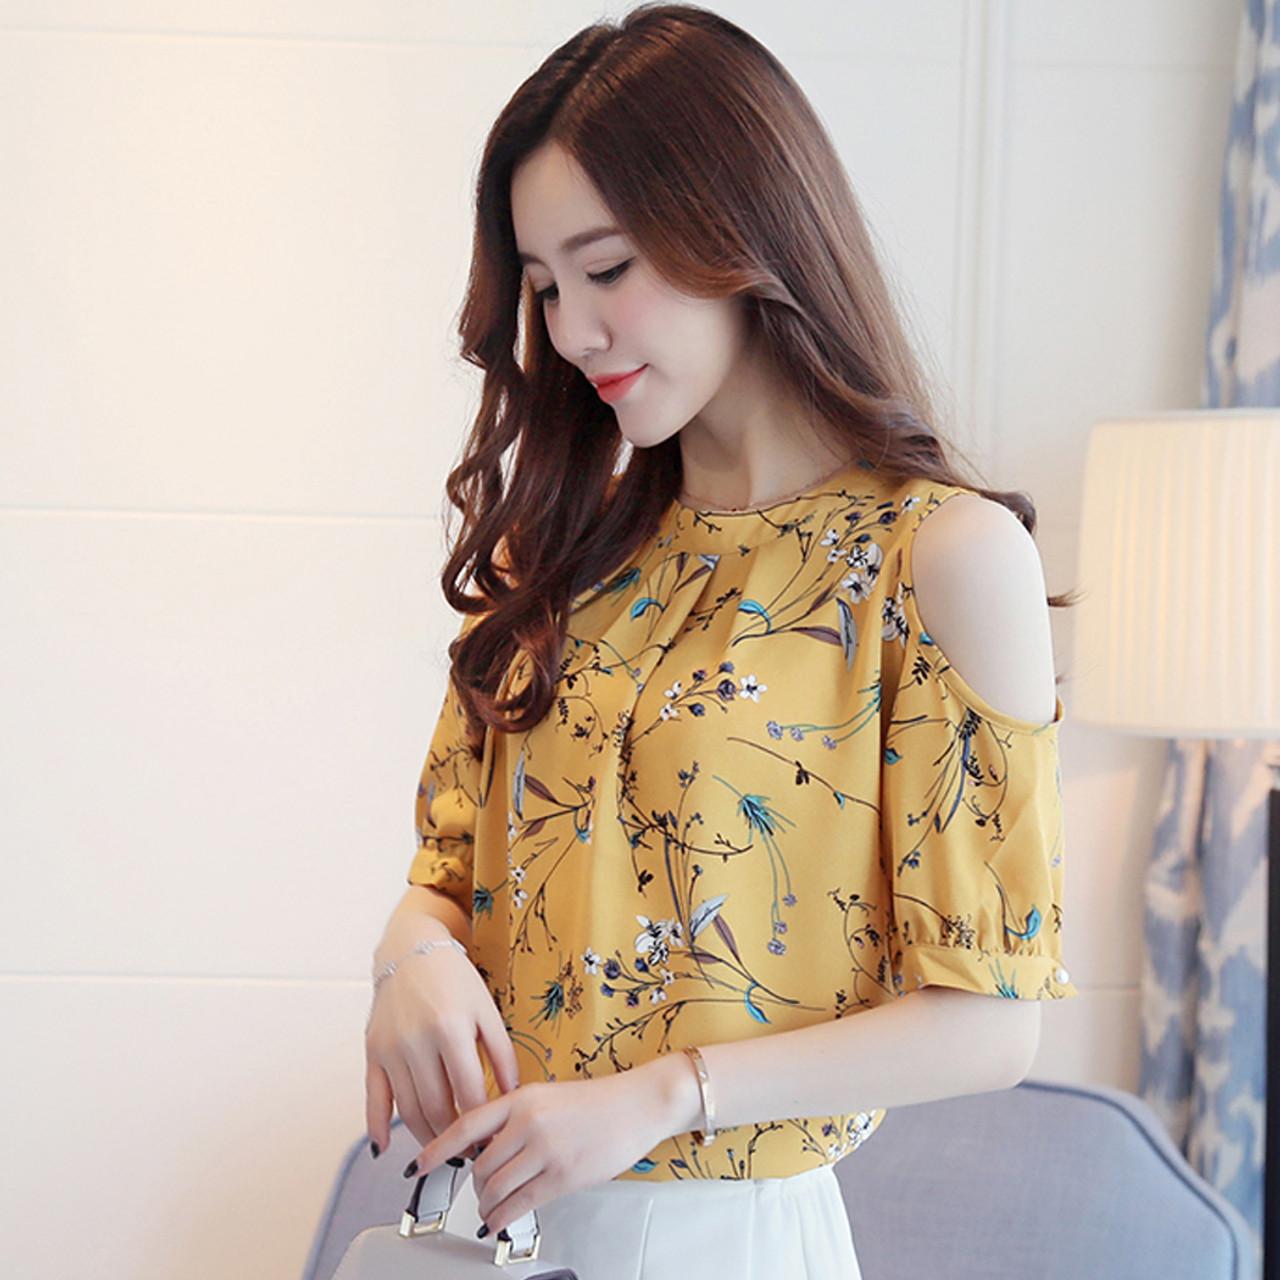 d2b6223744523 2018 Summer Cold Shoulder Chiffon Floral Printed Blouse Shirt Women Tops  Elegant Plus Size Ladies Korea Blouses Blusas Female